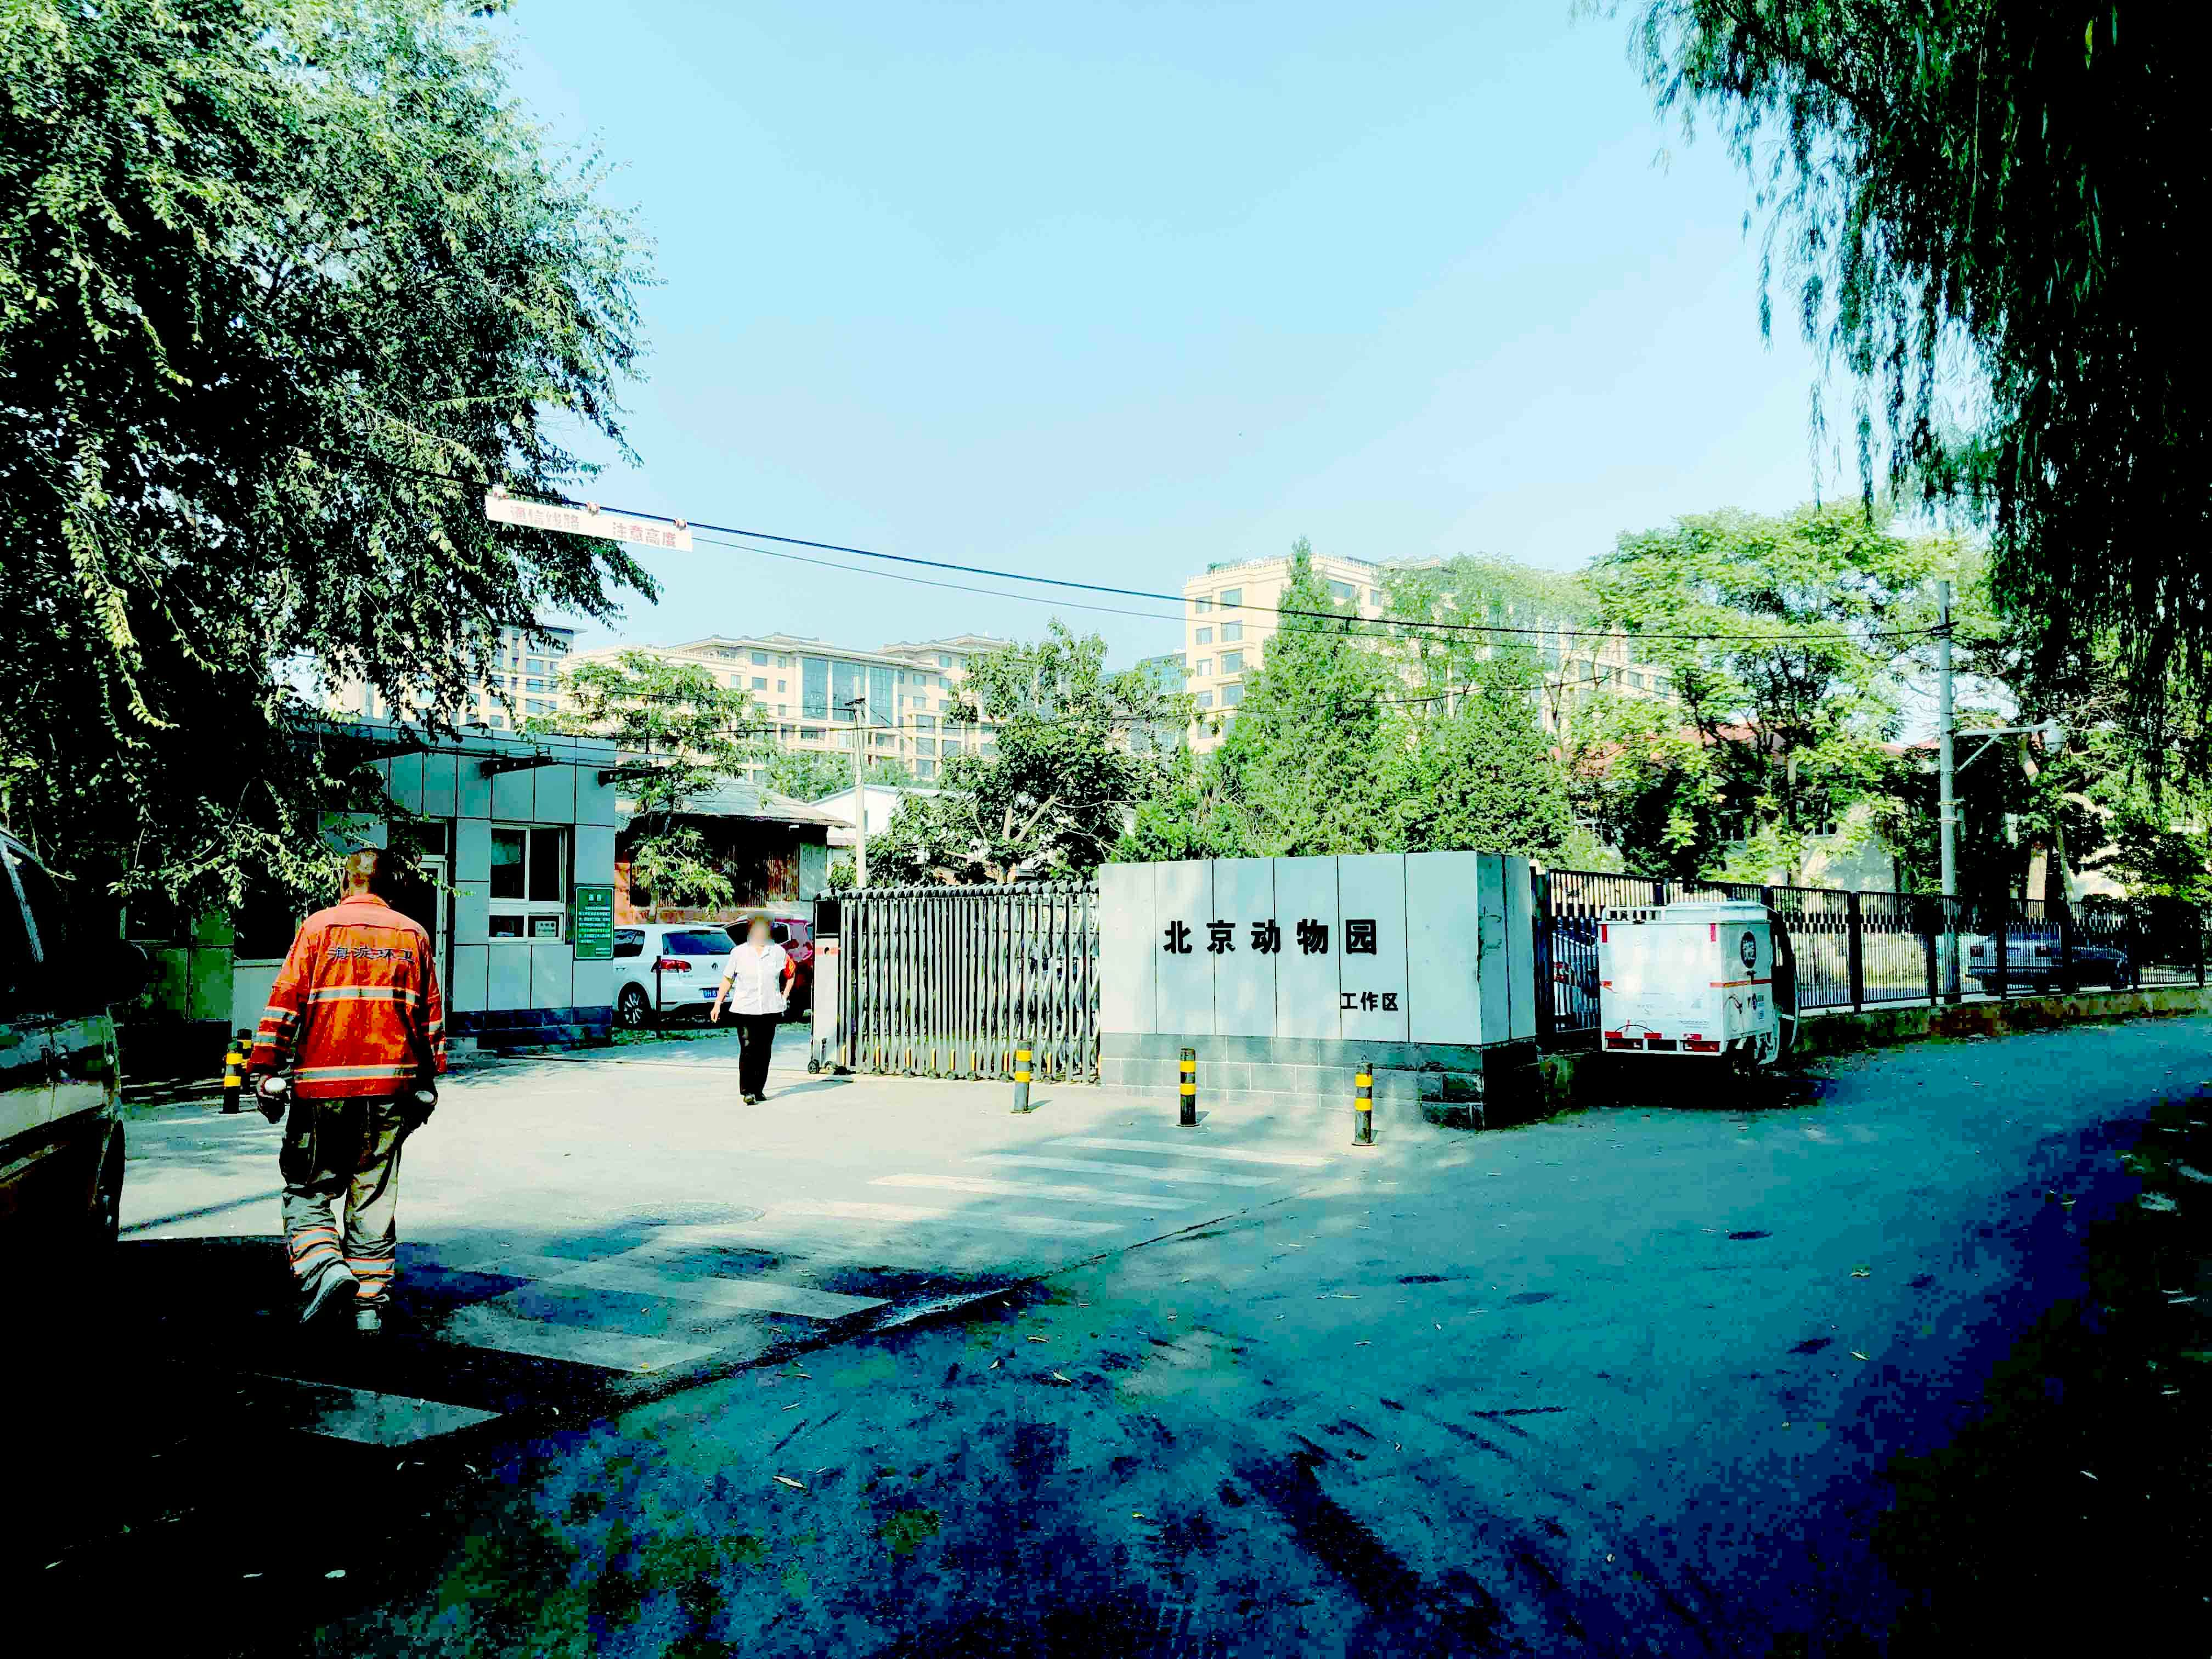 动物园员工工作区